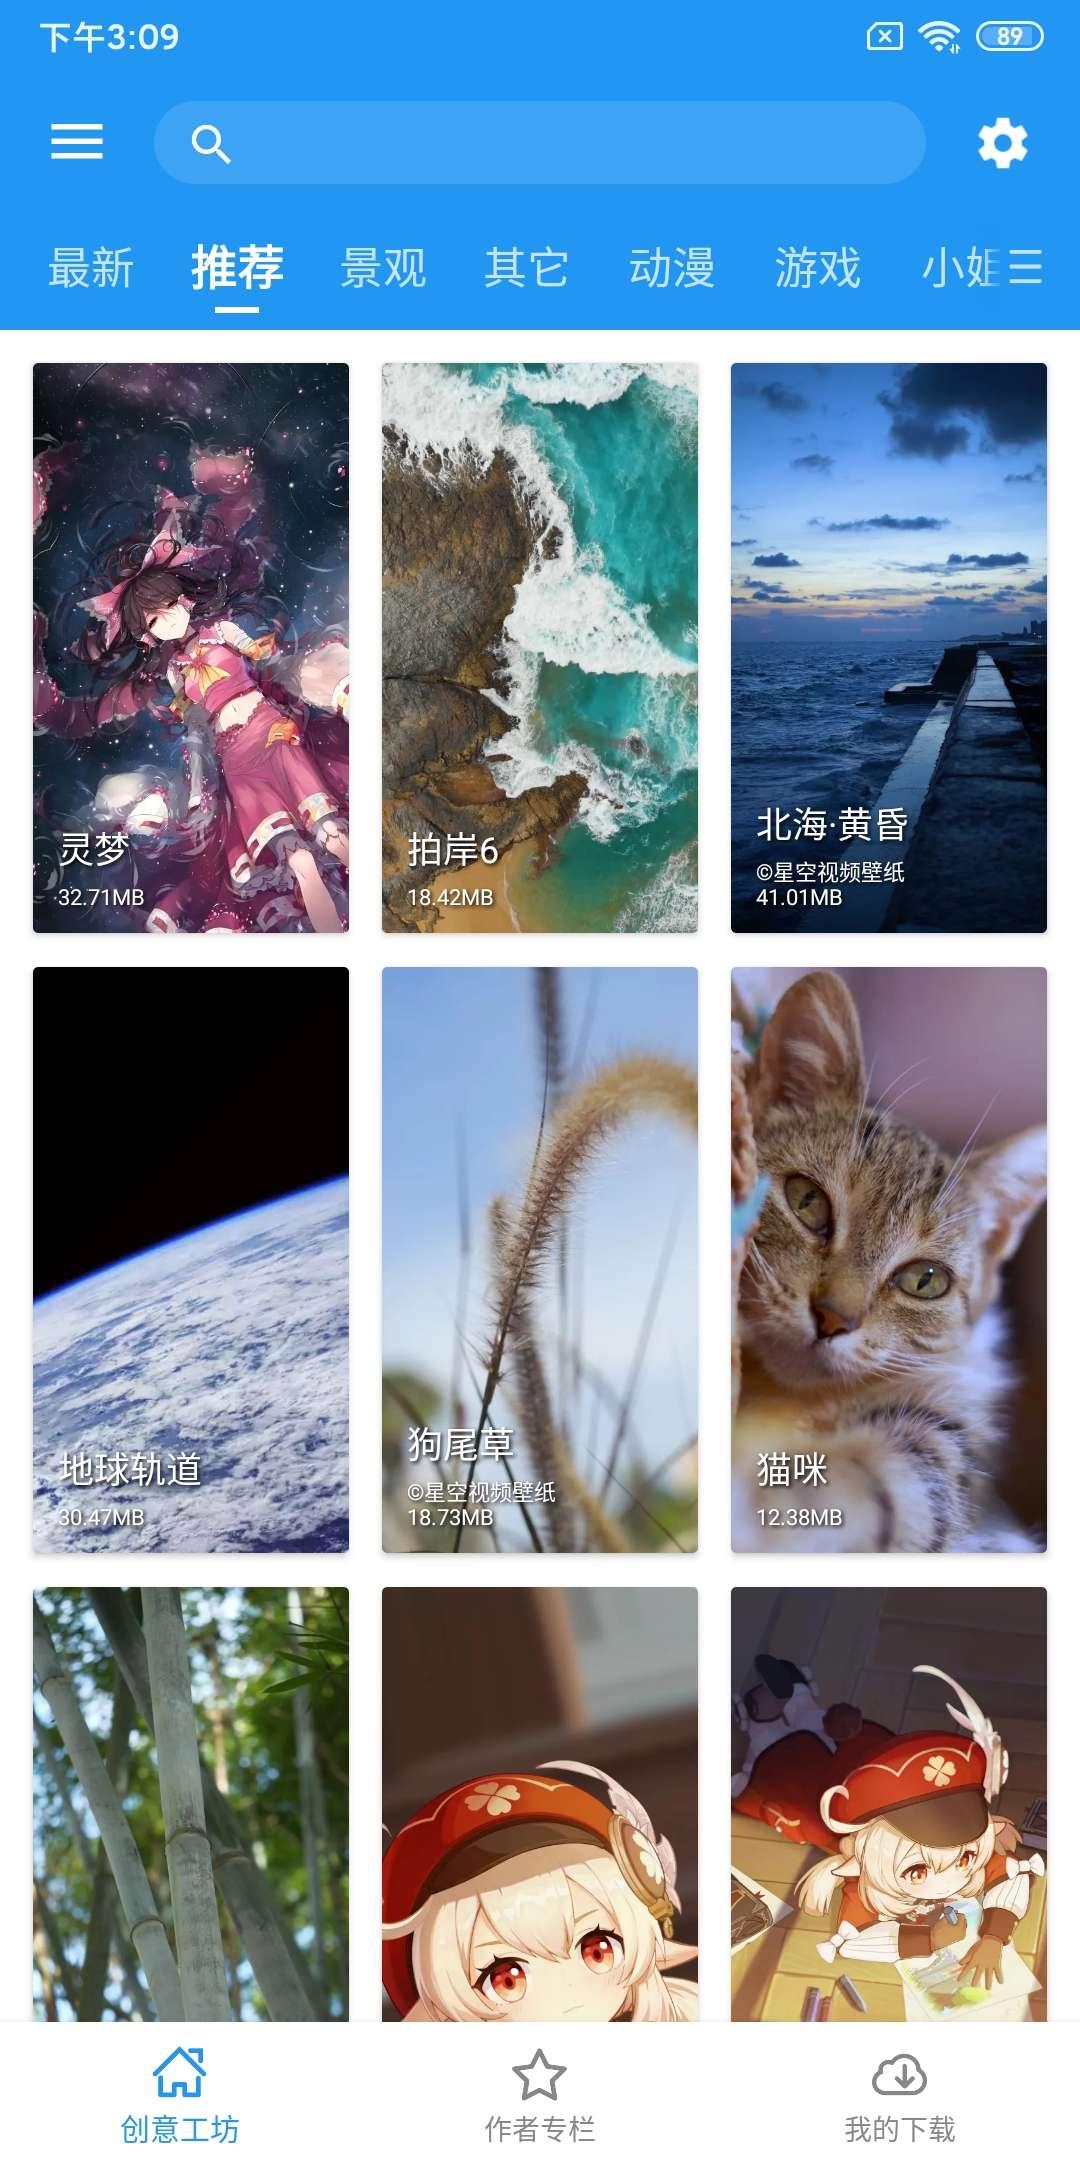 星空视频壁纸 5.7.1-谷神星